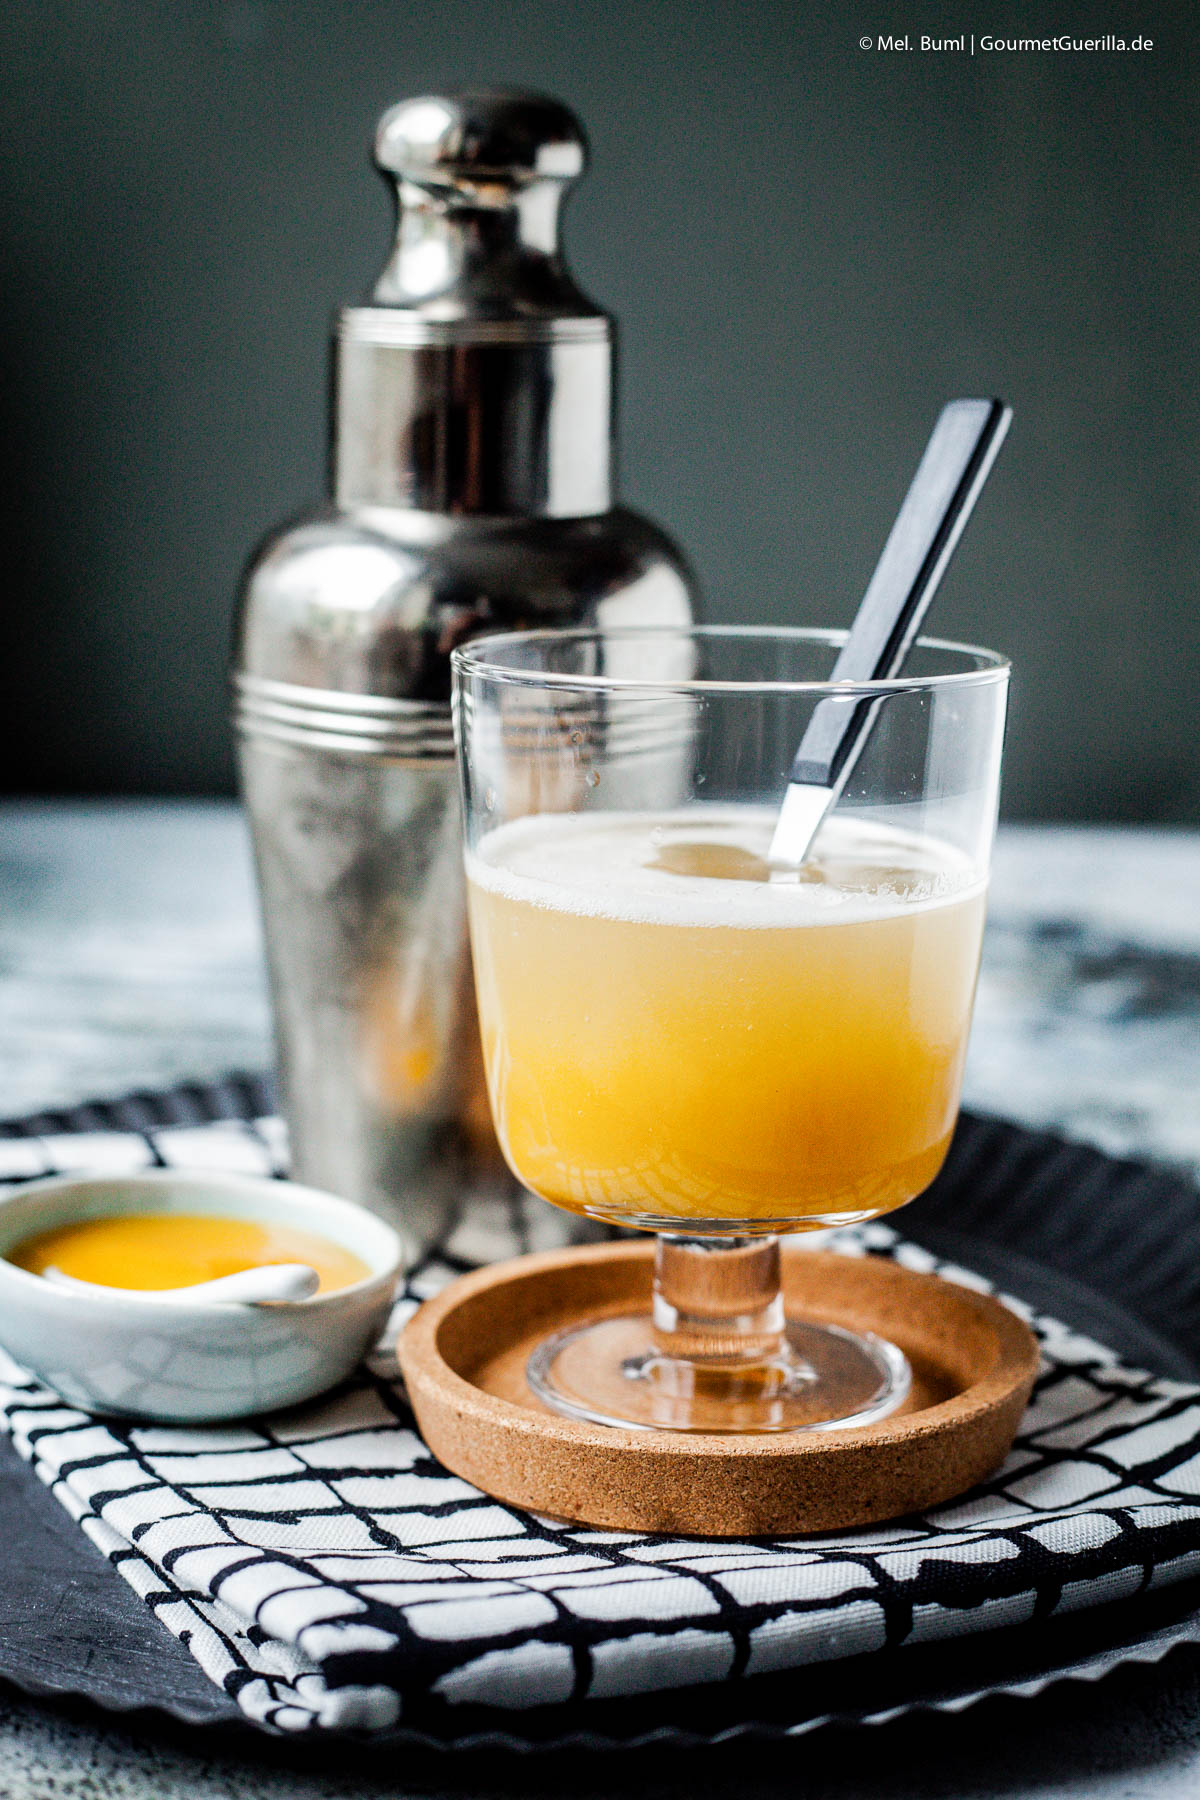 Vanilla-Pumpkin-Thriller. Ein süffiger Happy Halloween Cocktail mit Kürbis und Wodka |GourmetGuerilla.de